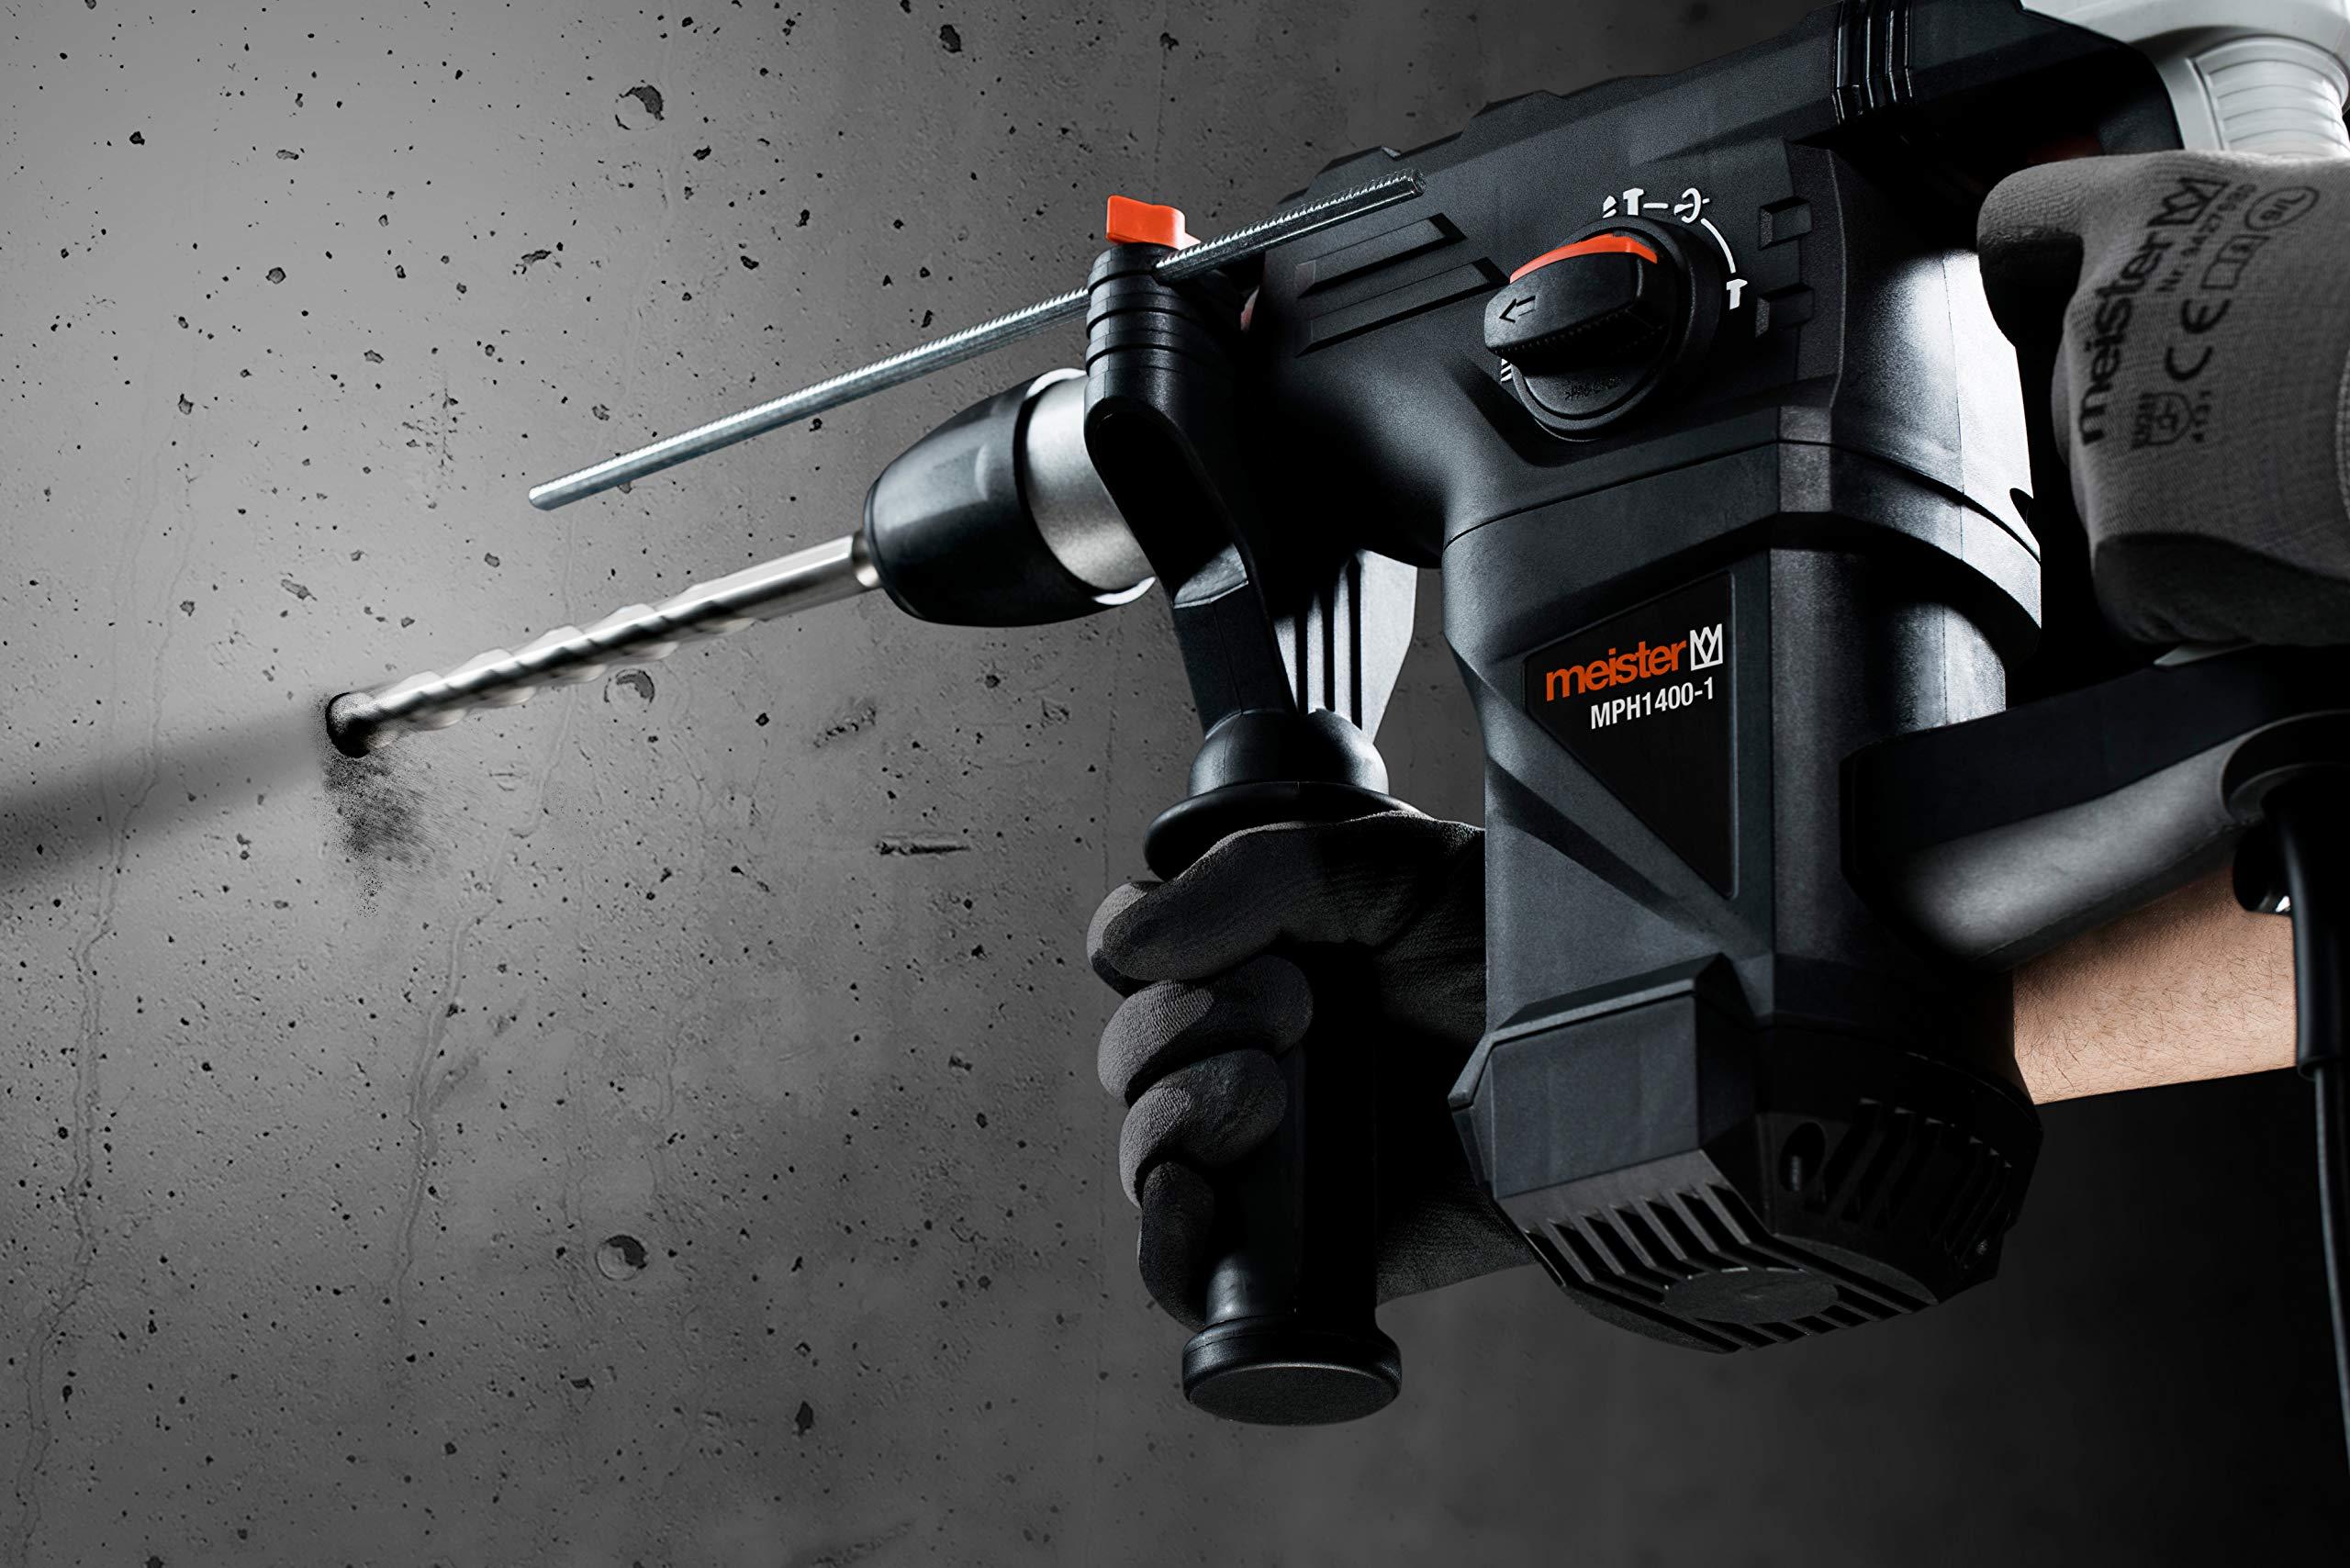 Meister-Pneumatischer-Bohrhammer-1400-Watt-MPH1400-1-SDS-Plus-Aufnahme-5-Joule-Schlagenergie-Antivibrationsgriff-Tiefenanschlag-Bohrmaschine-mit-Hammerwerk-Kombihammer-im-Koffer-5452820